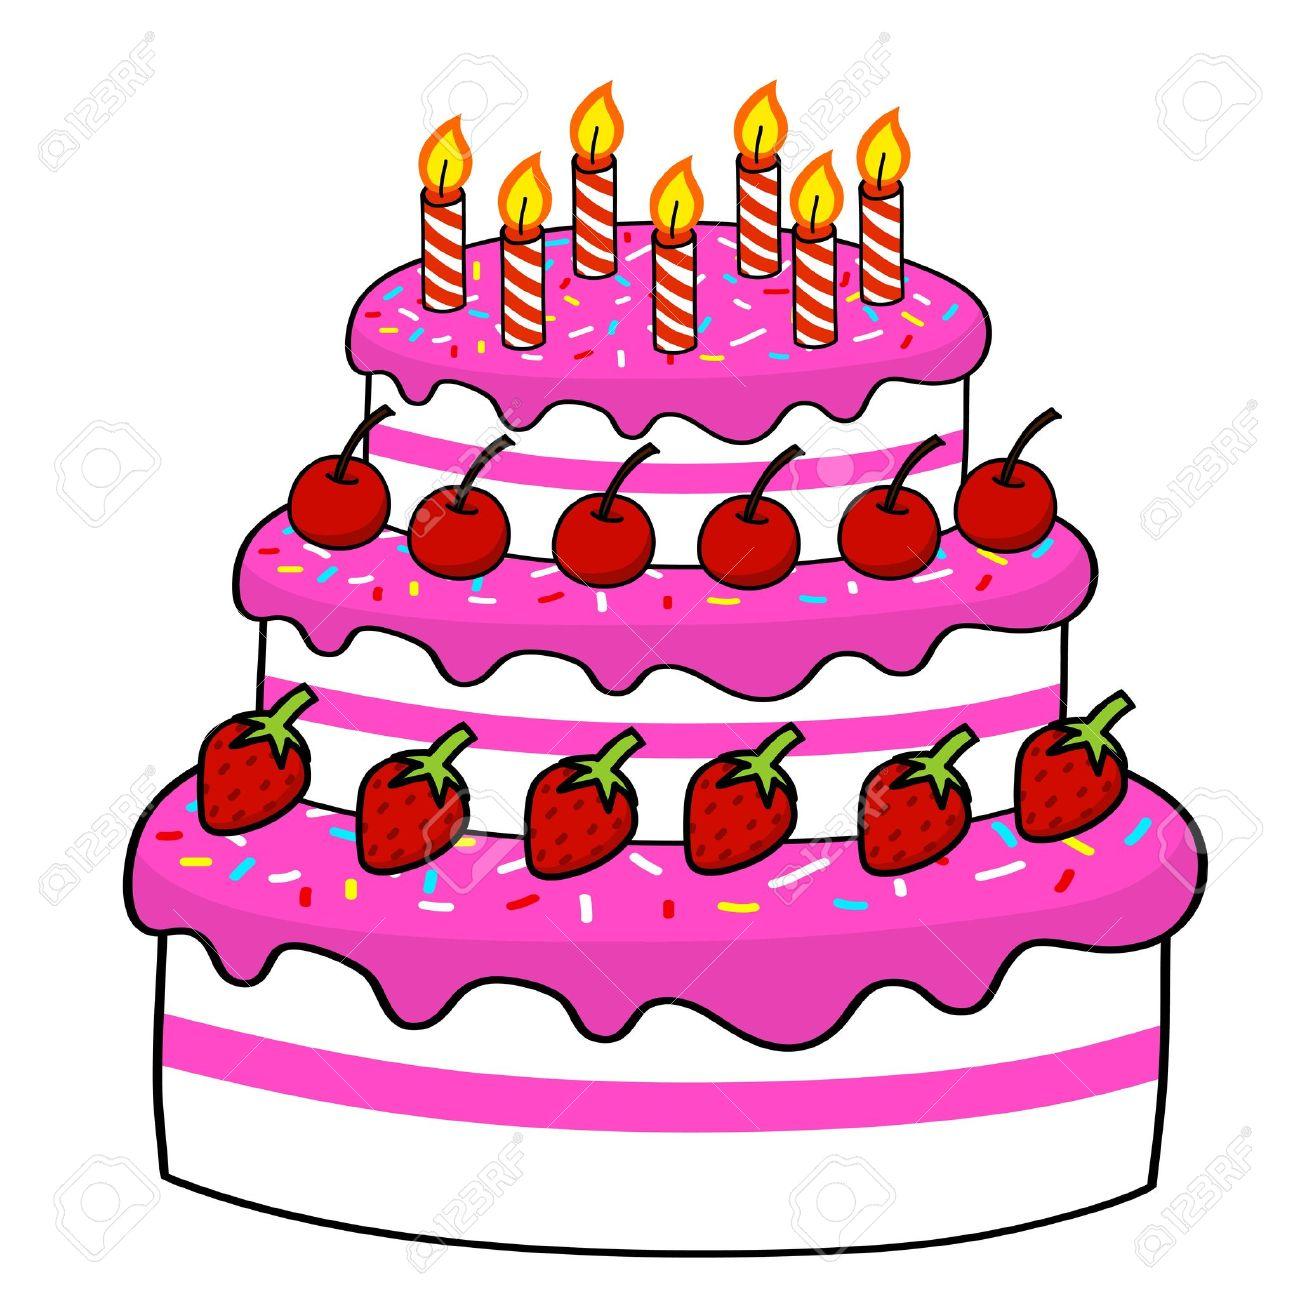 Bildresultat för tecknad tårta